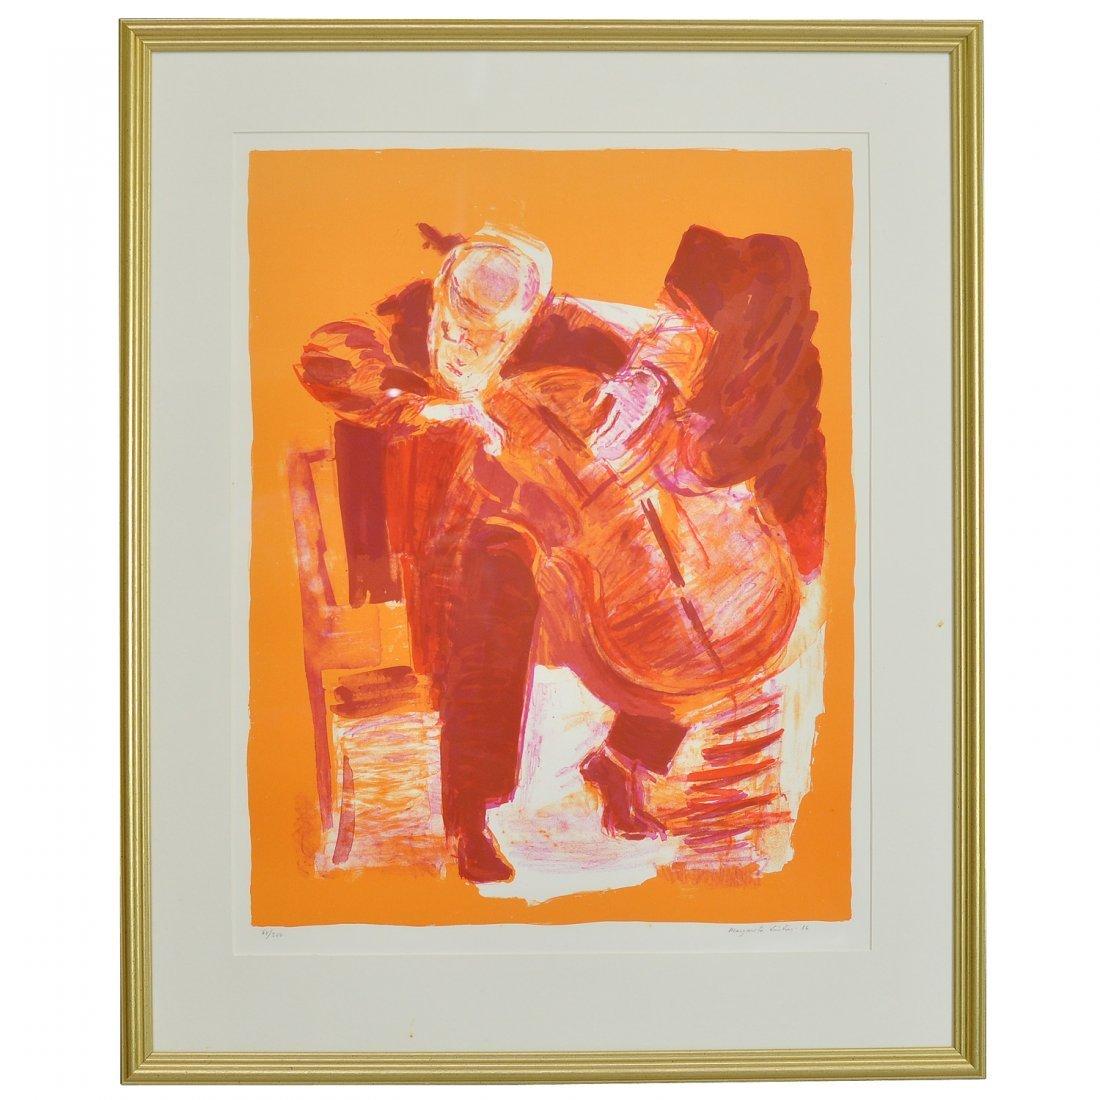 194: MARGARETA LINTON (1931-2011), färglitografi